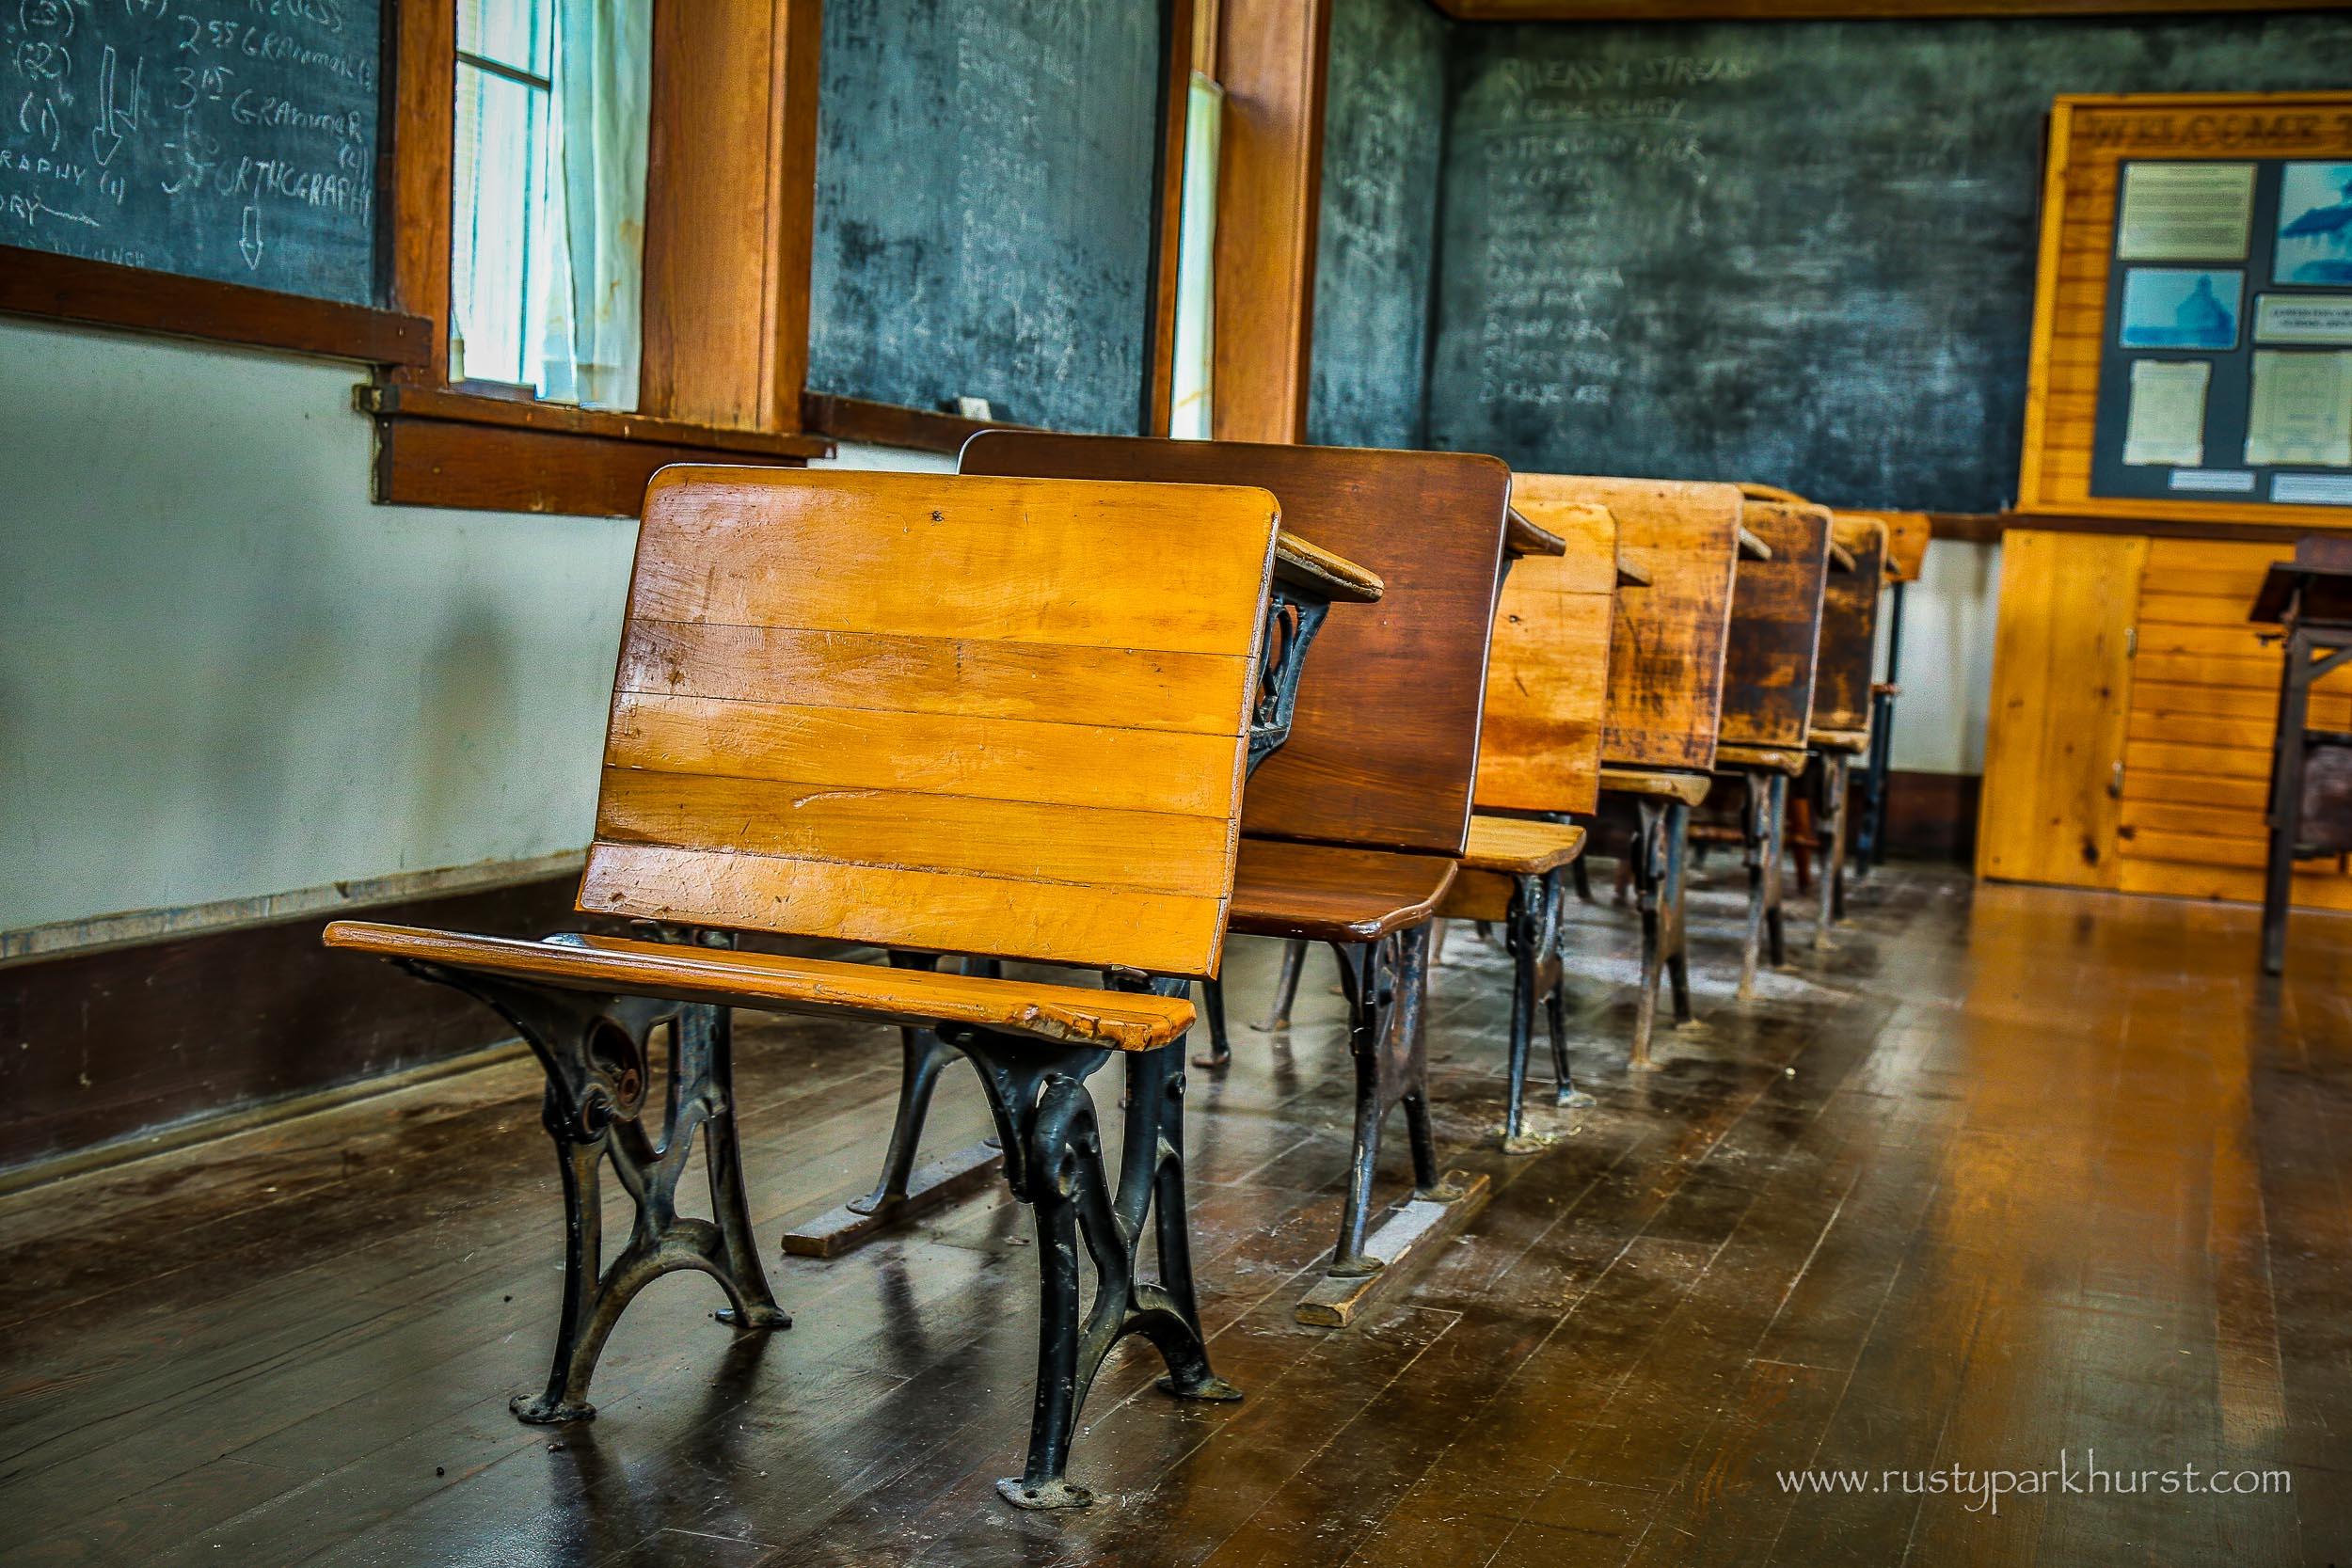 Desks of Yesteryear, Lower Fox Creek School